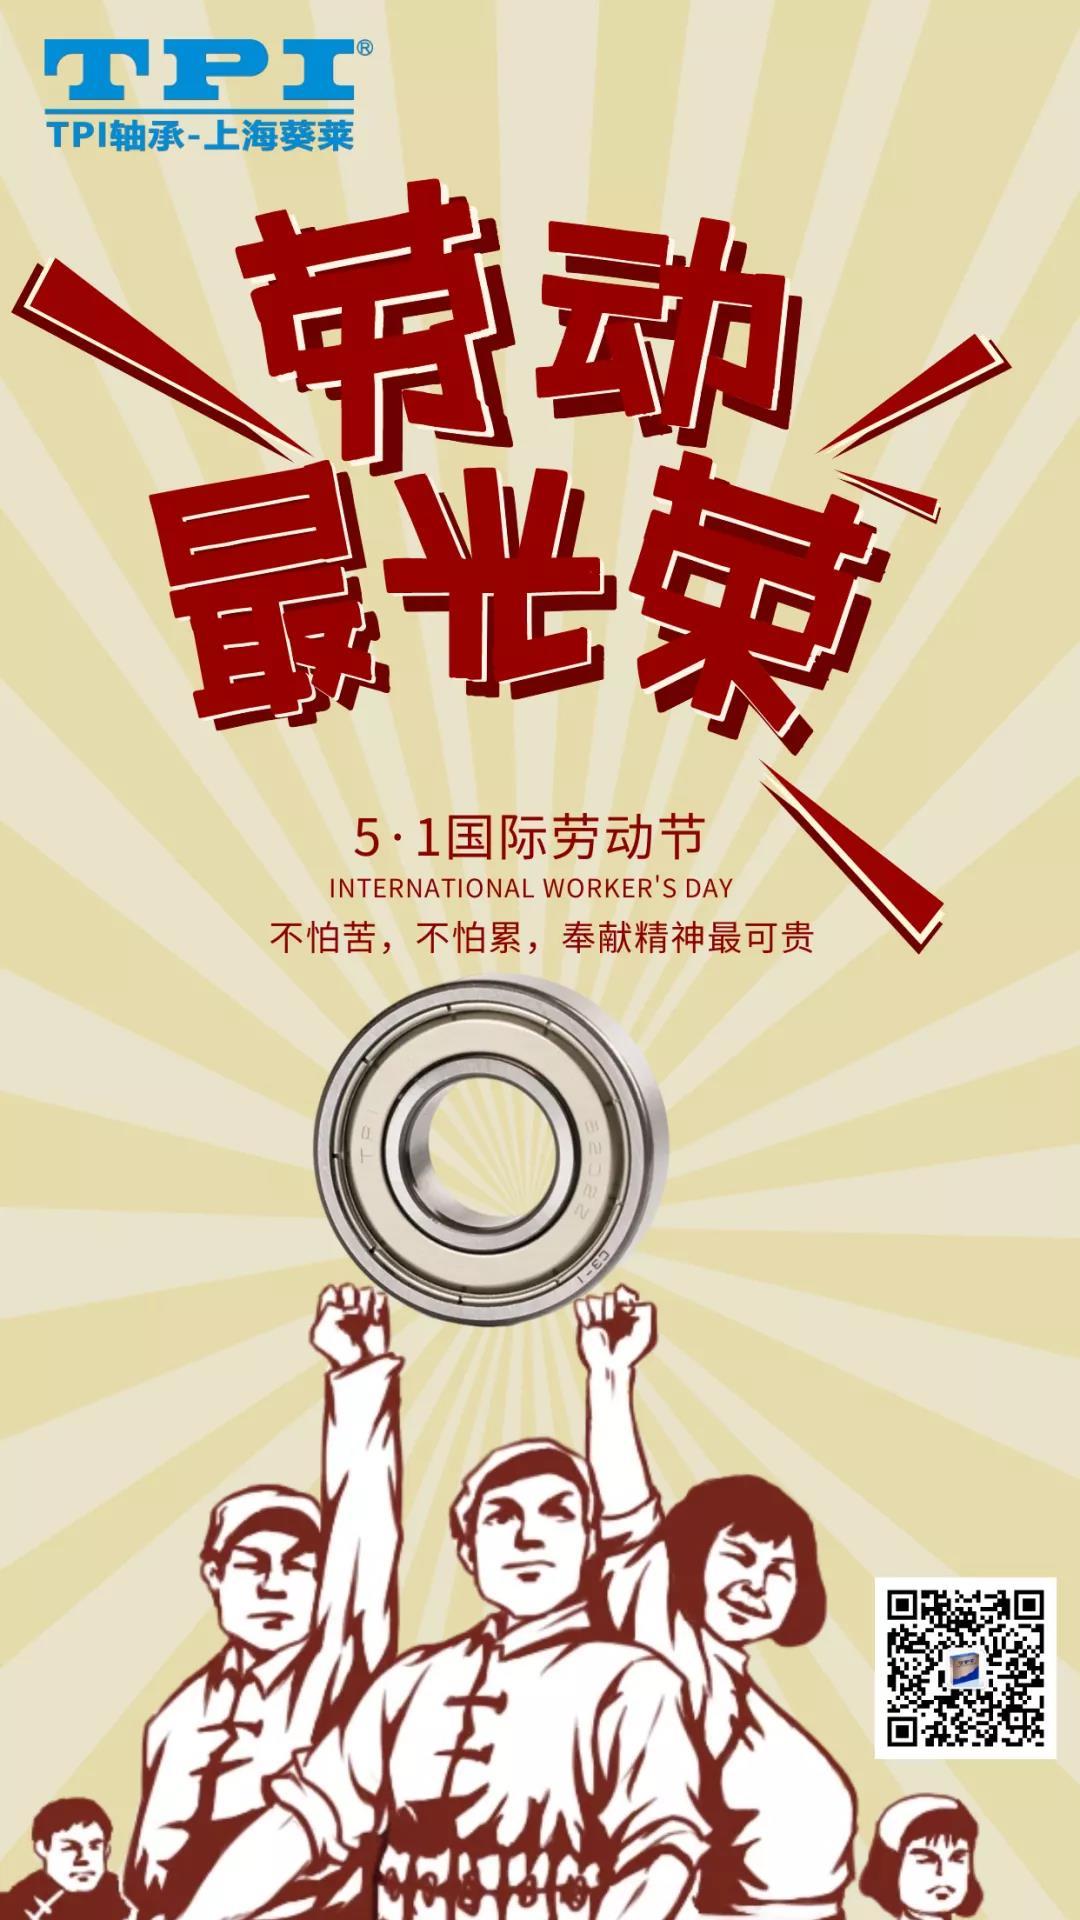 上海葵莱祝各位劳动节快乐!